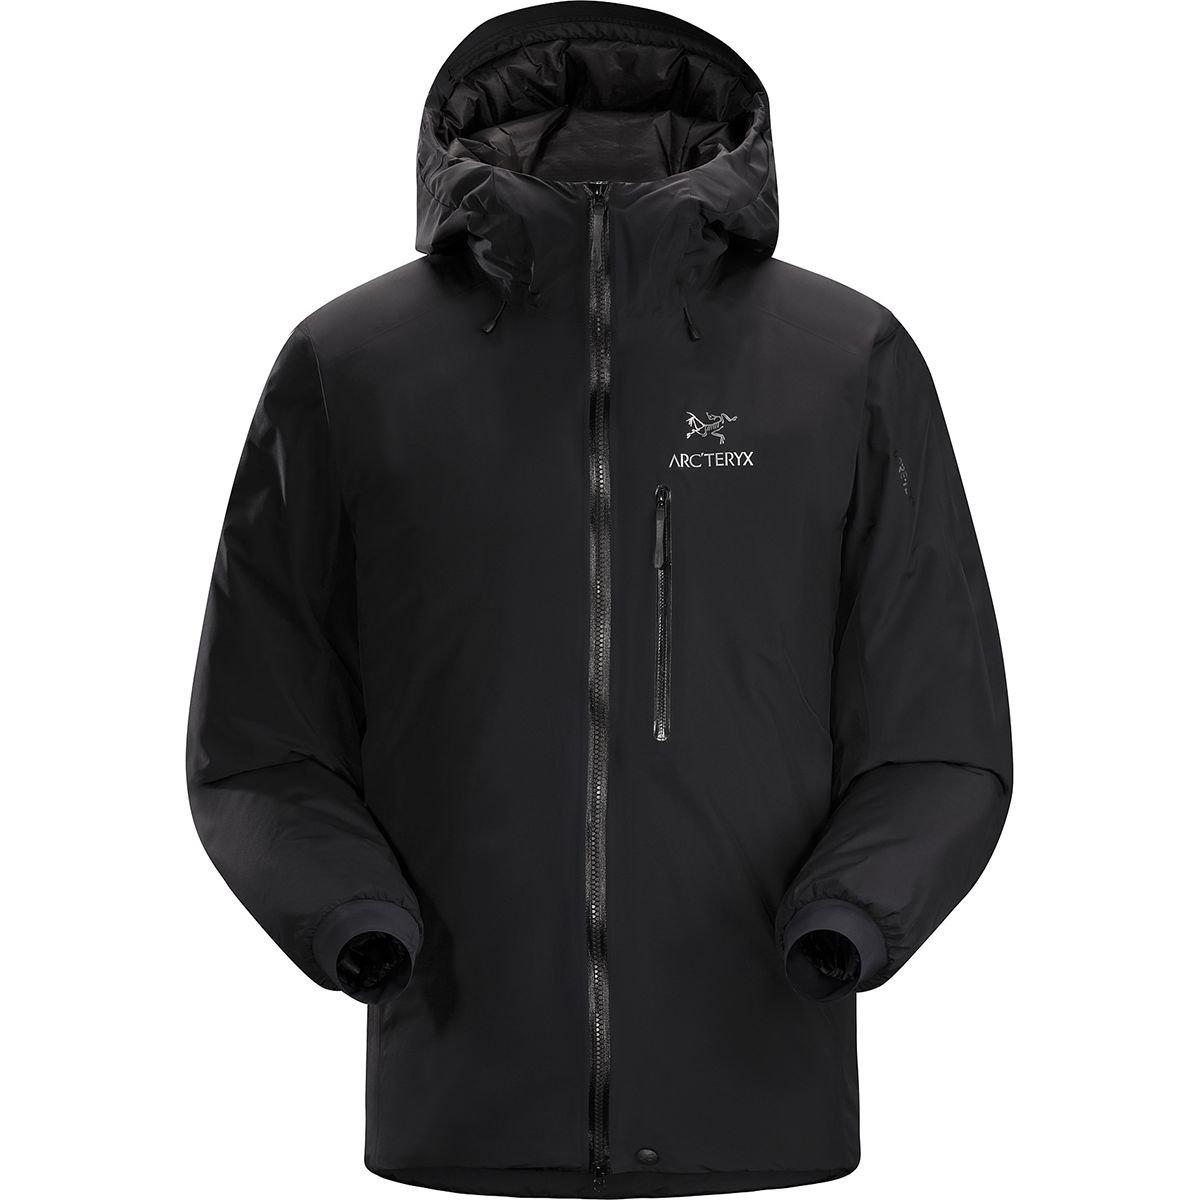 注目の [アークテリクス] メンズ ジャケット Jacket&ブルゾン Alpha IS Jacket [並行輸入品] [並行輸入品] B0771DHL9X IS S, KQueenStore:f5f3cbd7 --- arianechie.dominiotemporario.com